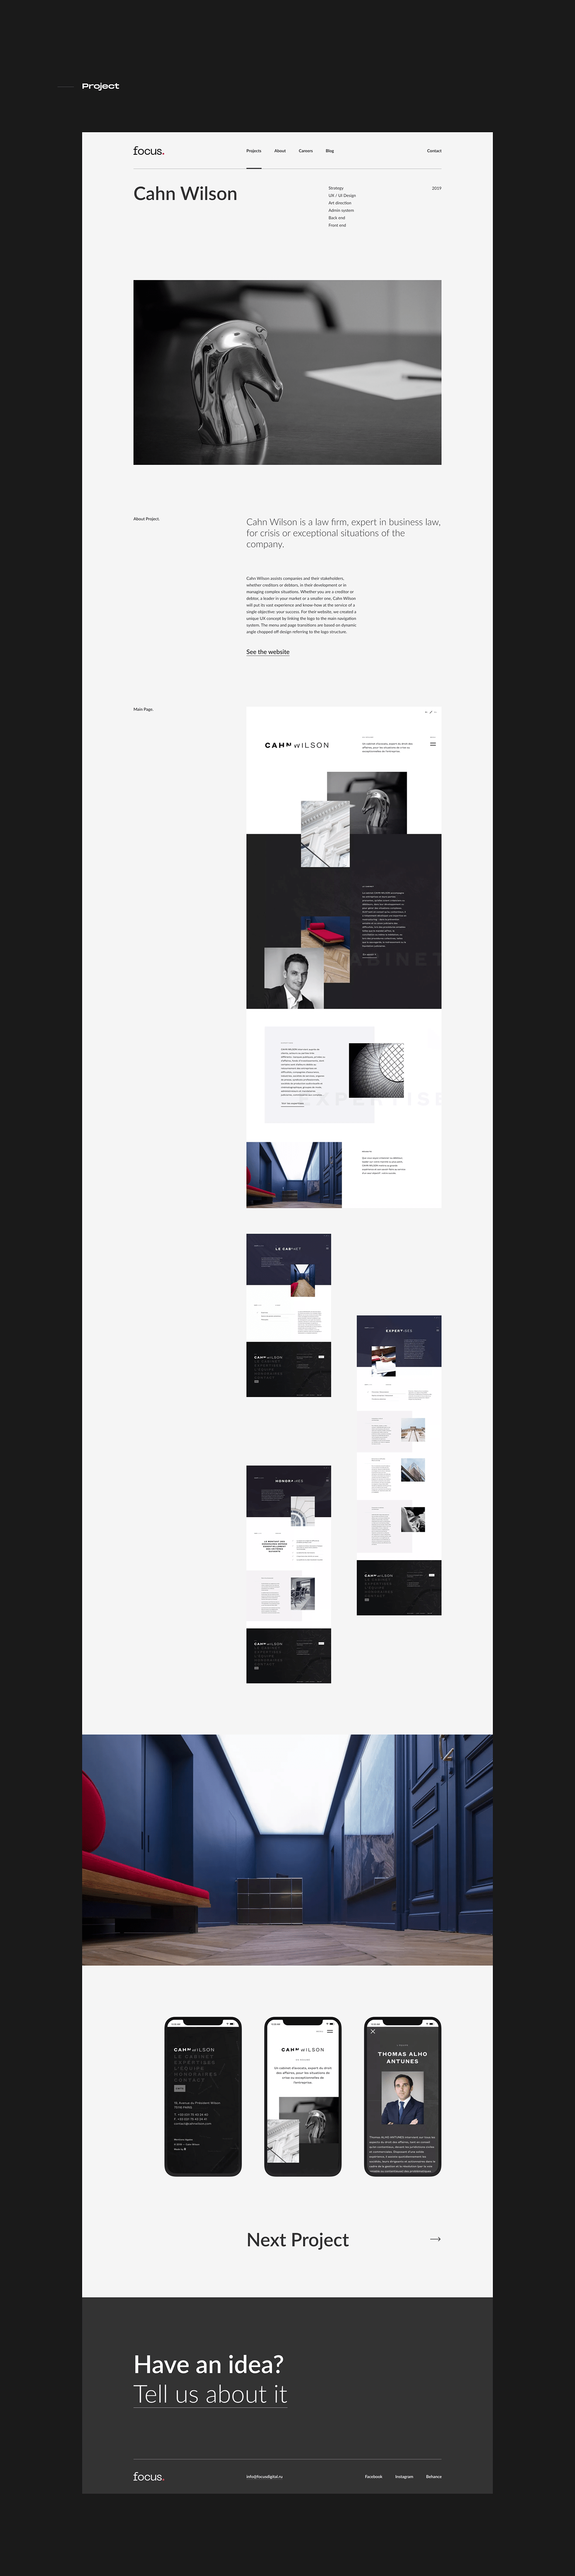 agency brandindentity branding  clean digitalagency Logotype studio UI ux Webdesign